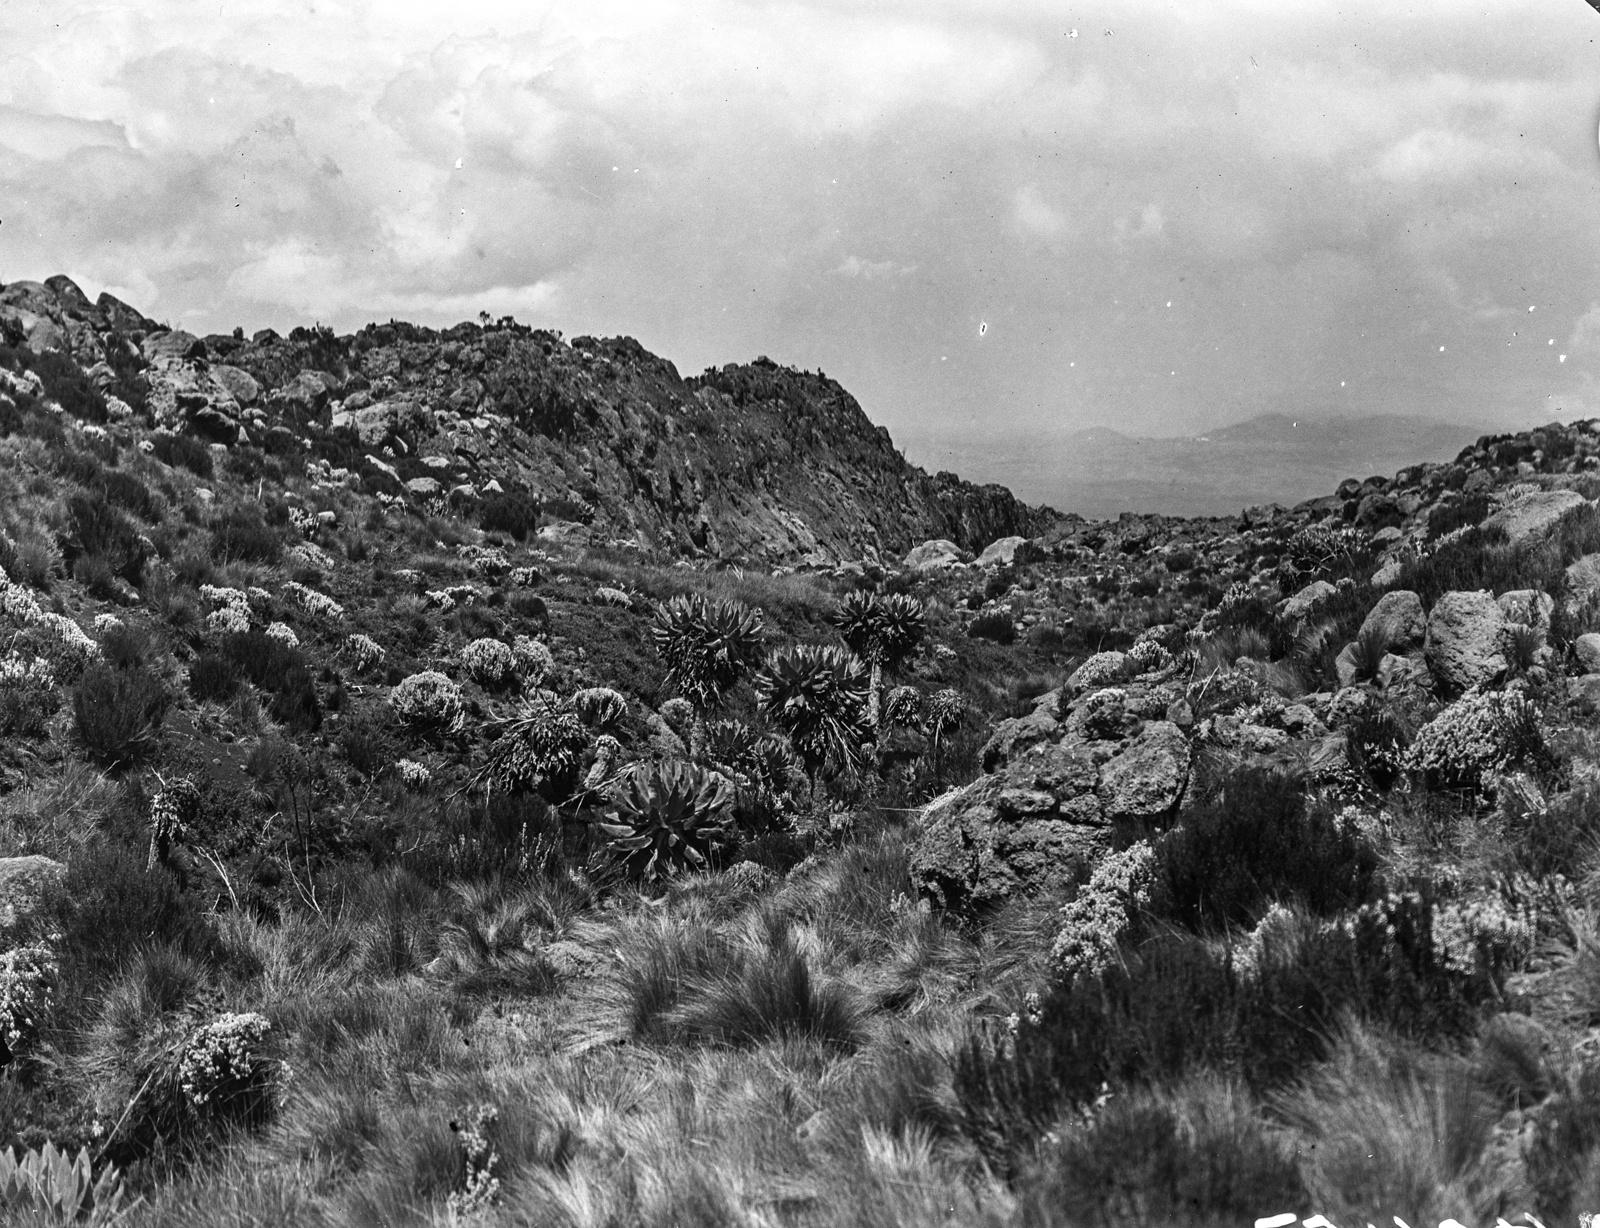 162. Скалистый пейзаж с растительностью (включая Сенецио Джонстония) на высоте 3600 м